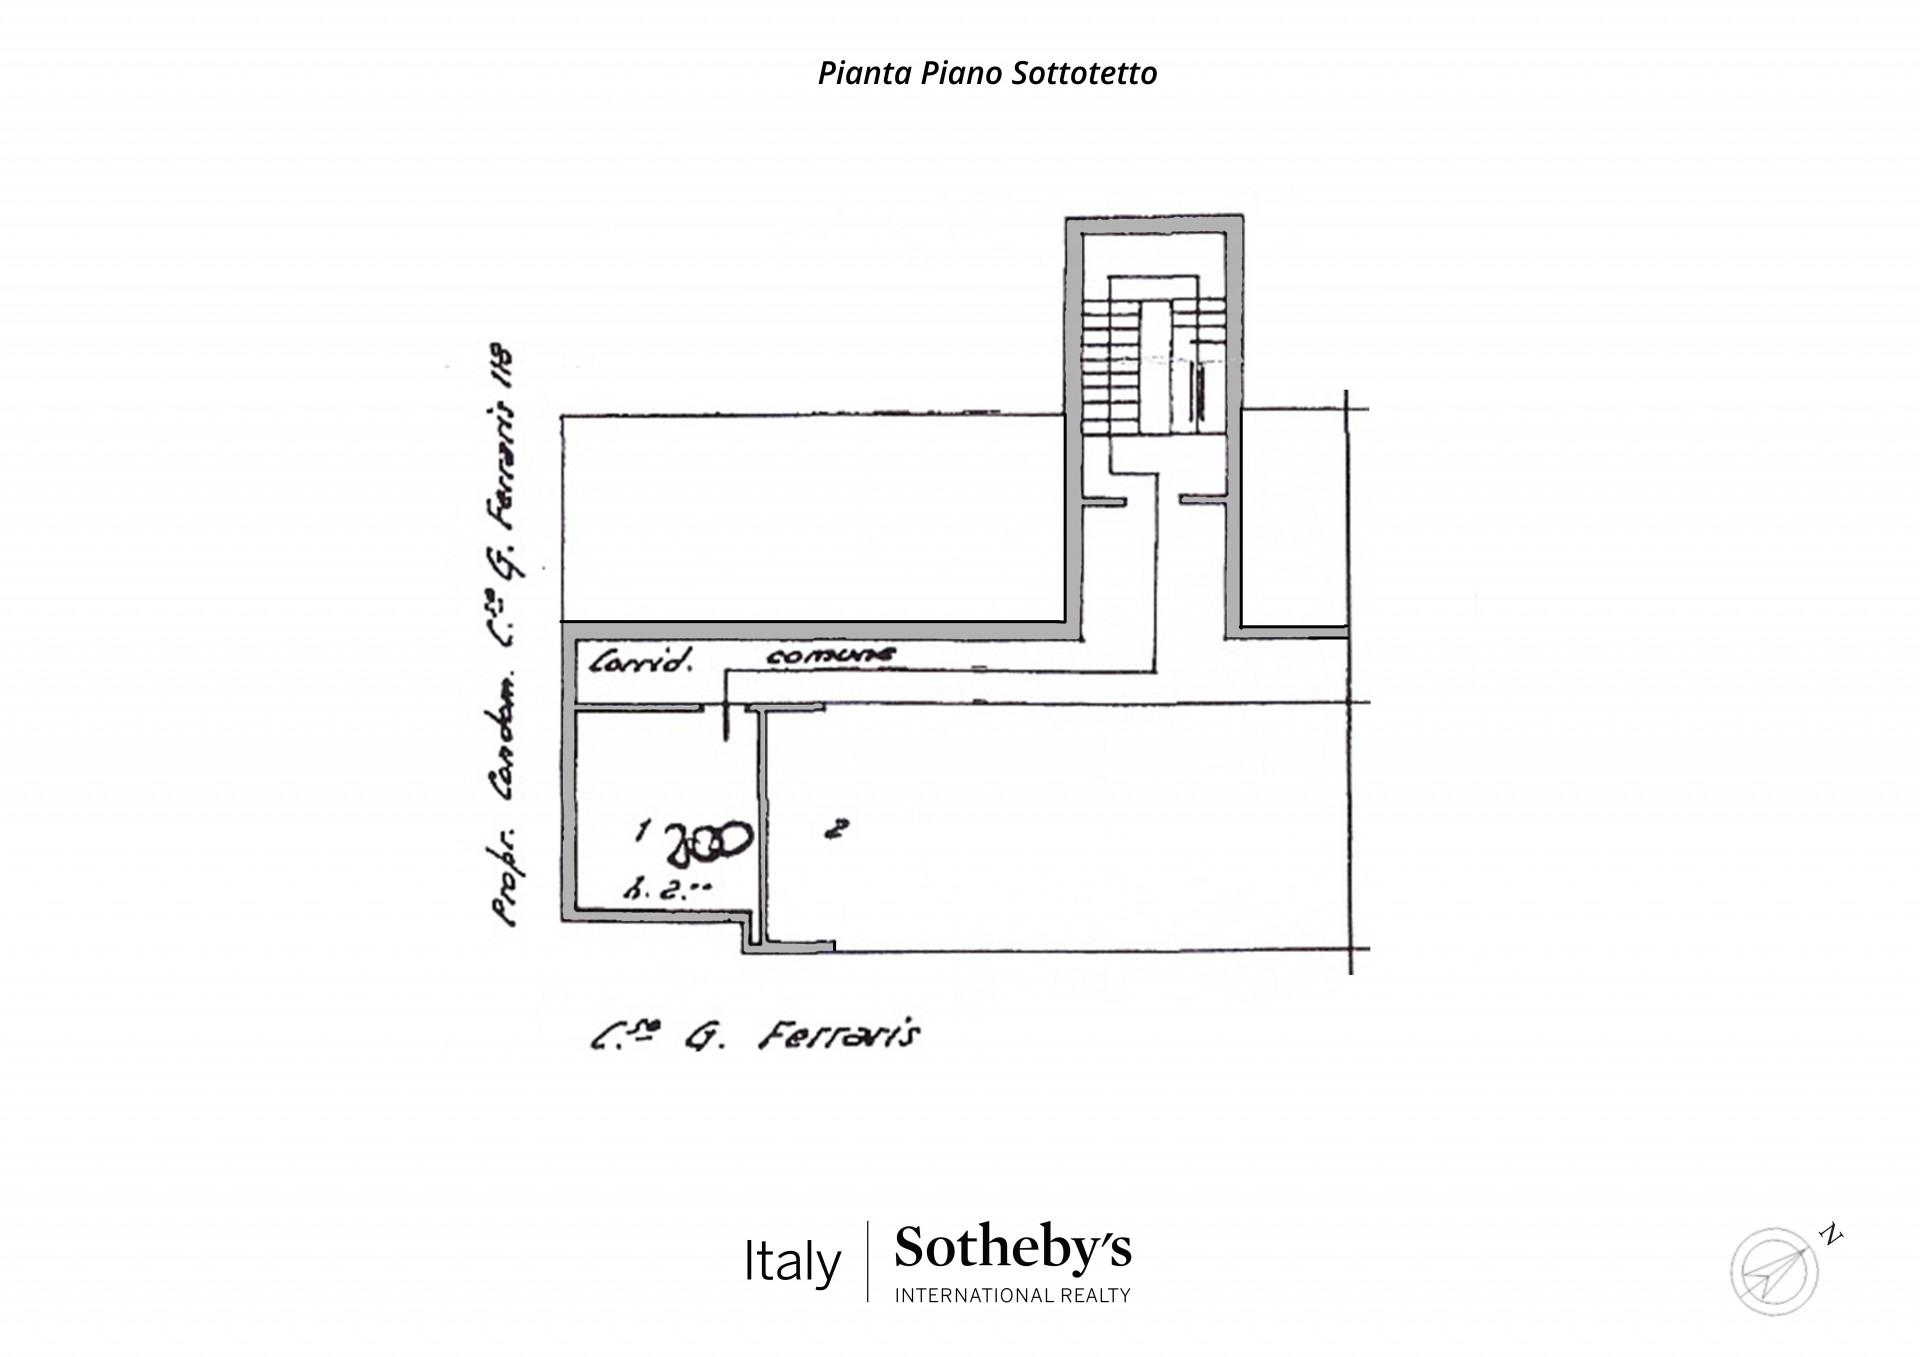 Ufficio-studio in Vendita a Torino: 3 locali, 140 mq - Foto 19